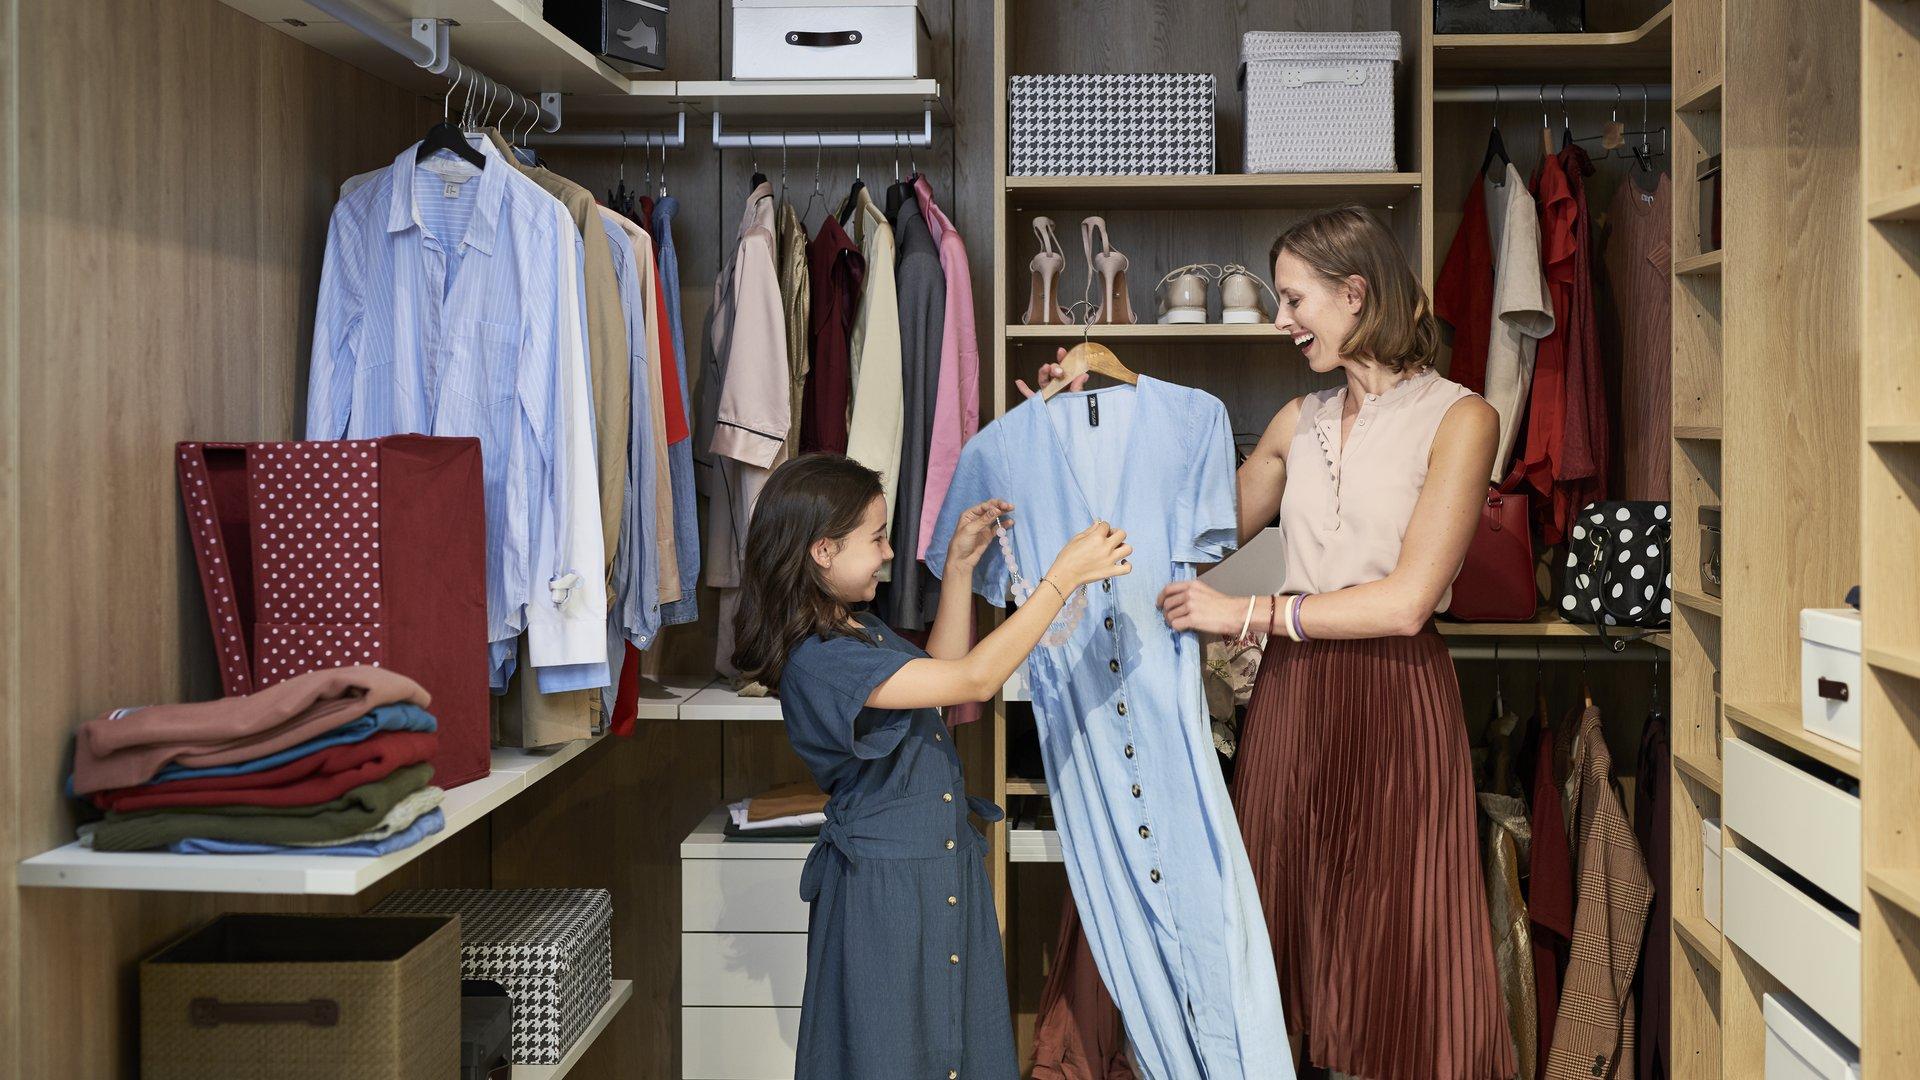 Mère et fille range leur dressing.